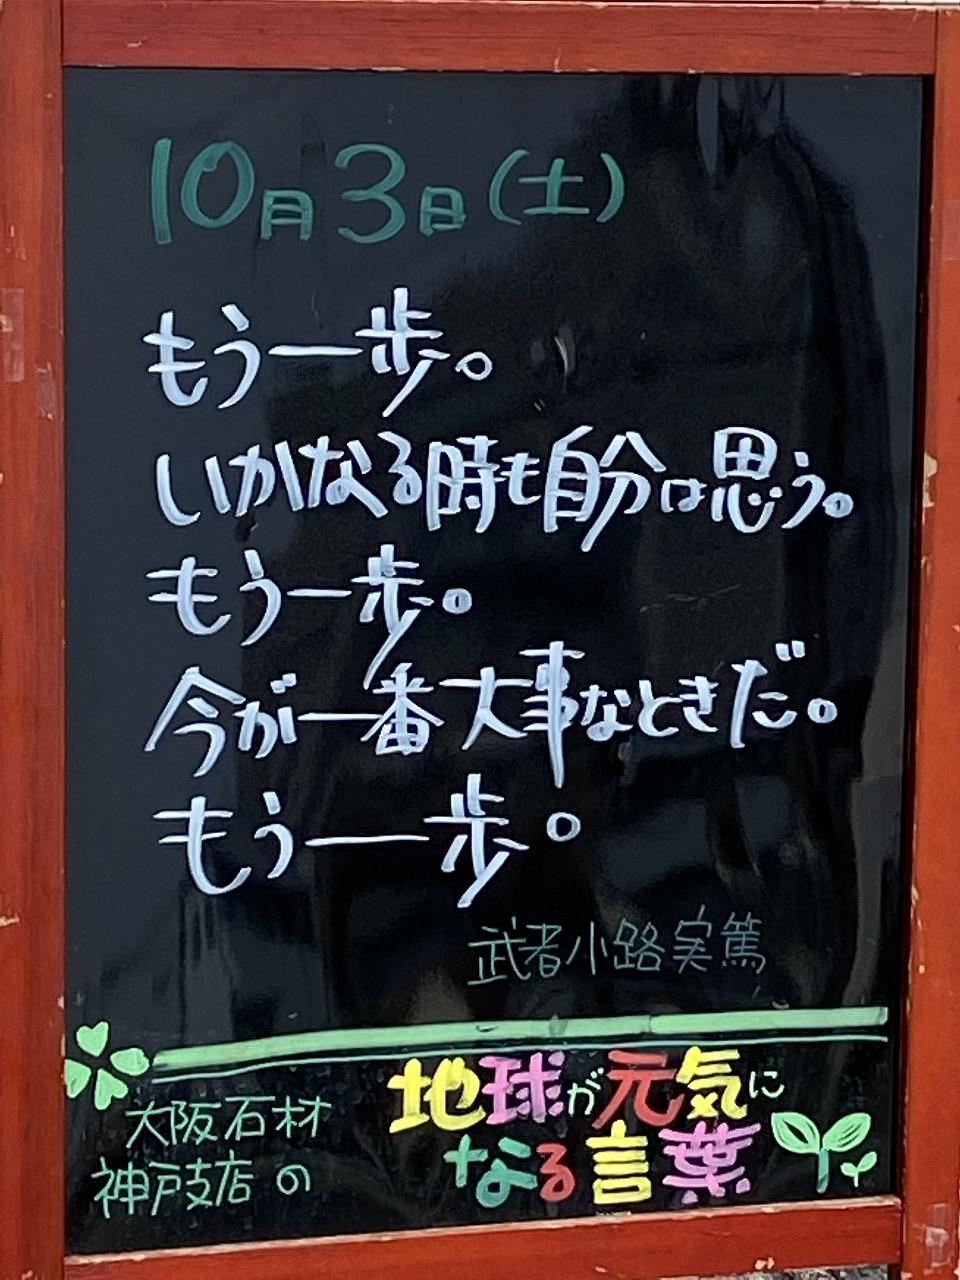 神戸の墓石店「地球が元気になる言葉」の写真 2020年10月3日